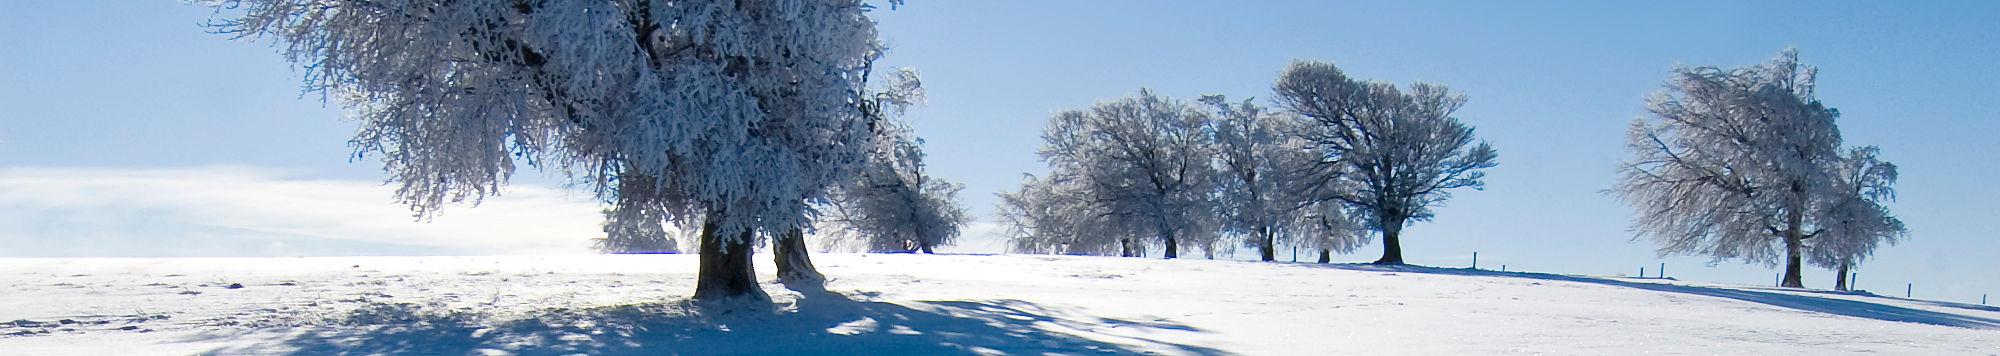 Querformatbild einer ebenen Schneelandschaft mit etwa ein Dutzend schneebedeckten Laubbäumen.